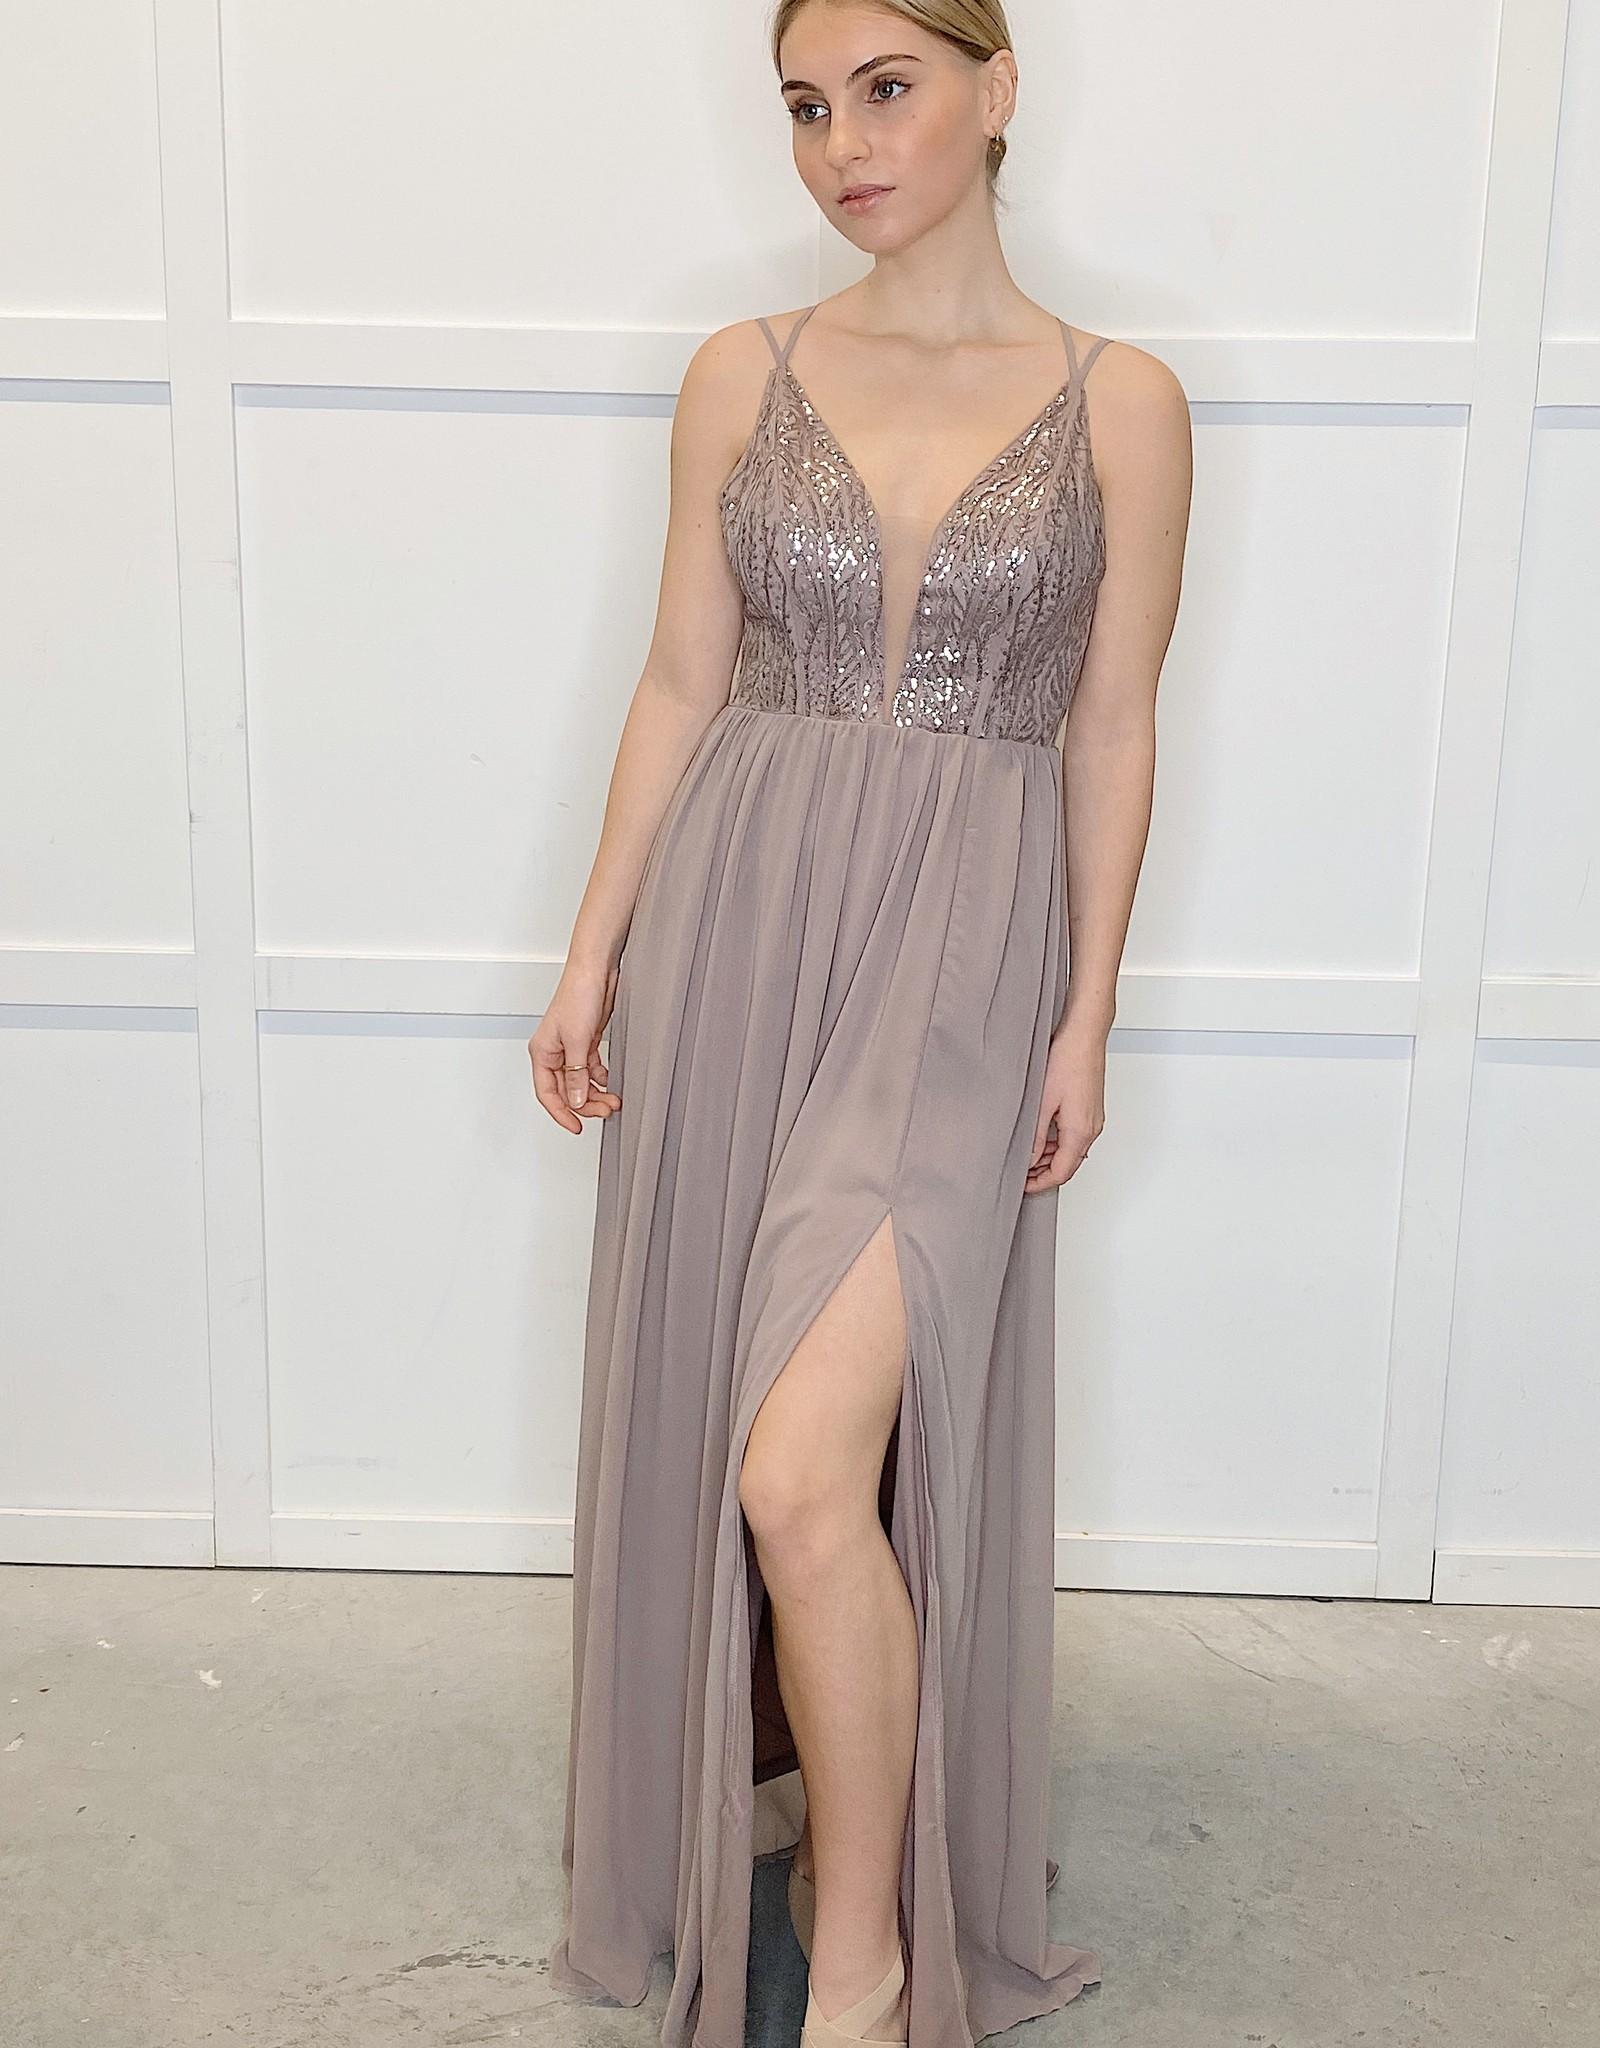 HUSH Sequin bodice w/ chiffon bottom maxi dress